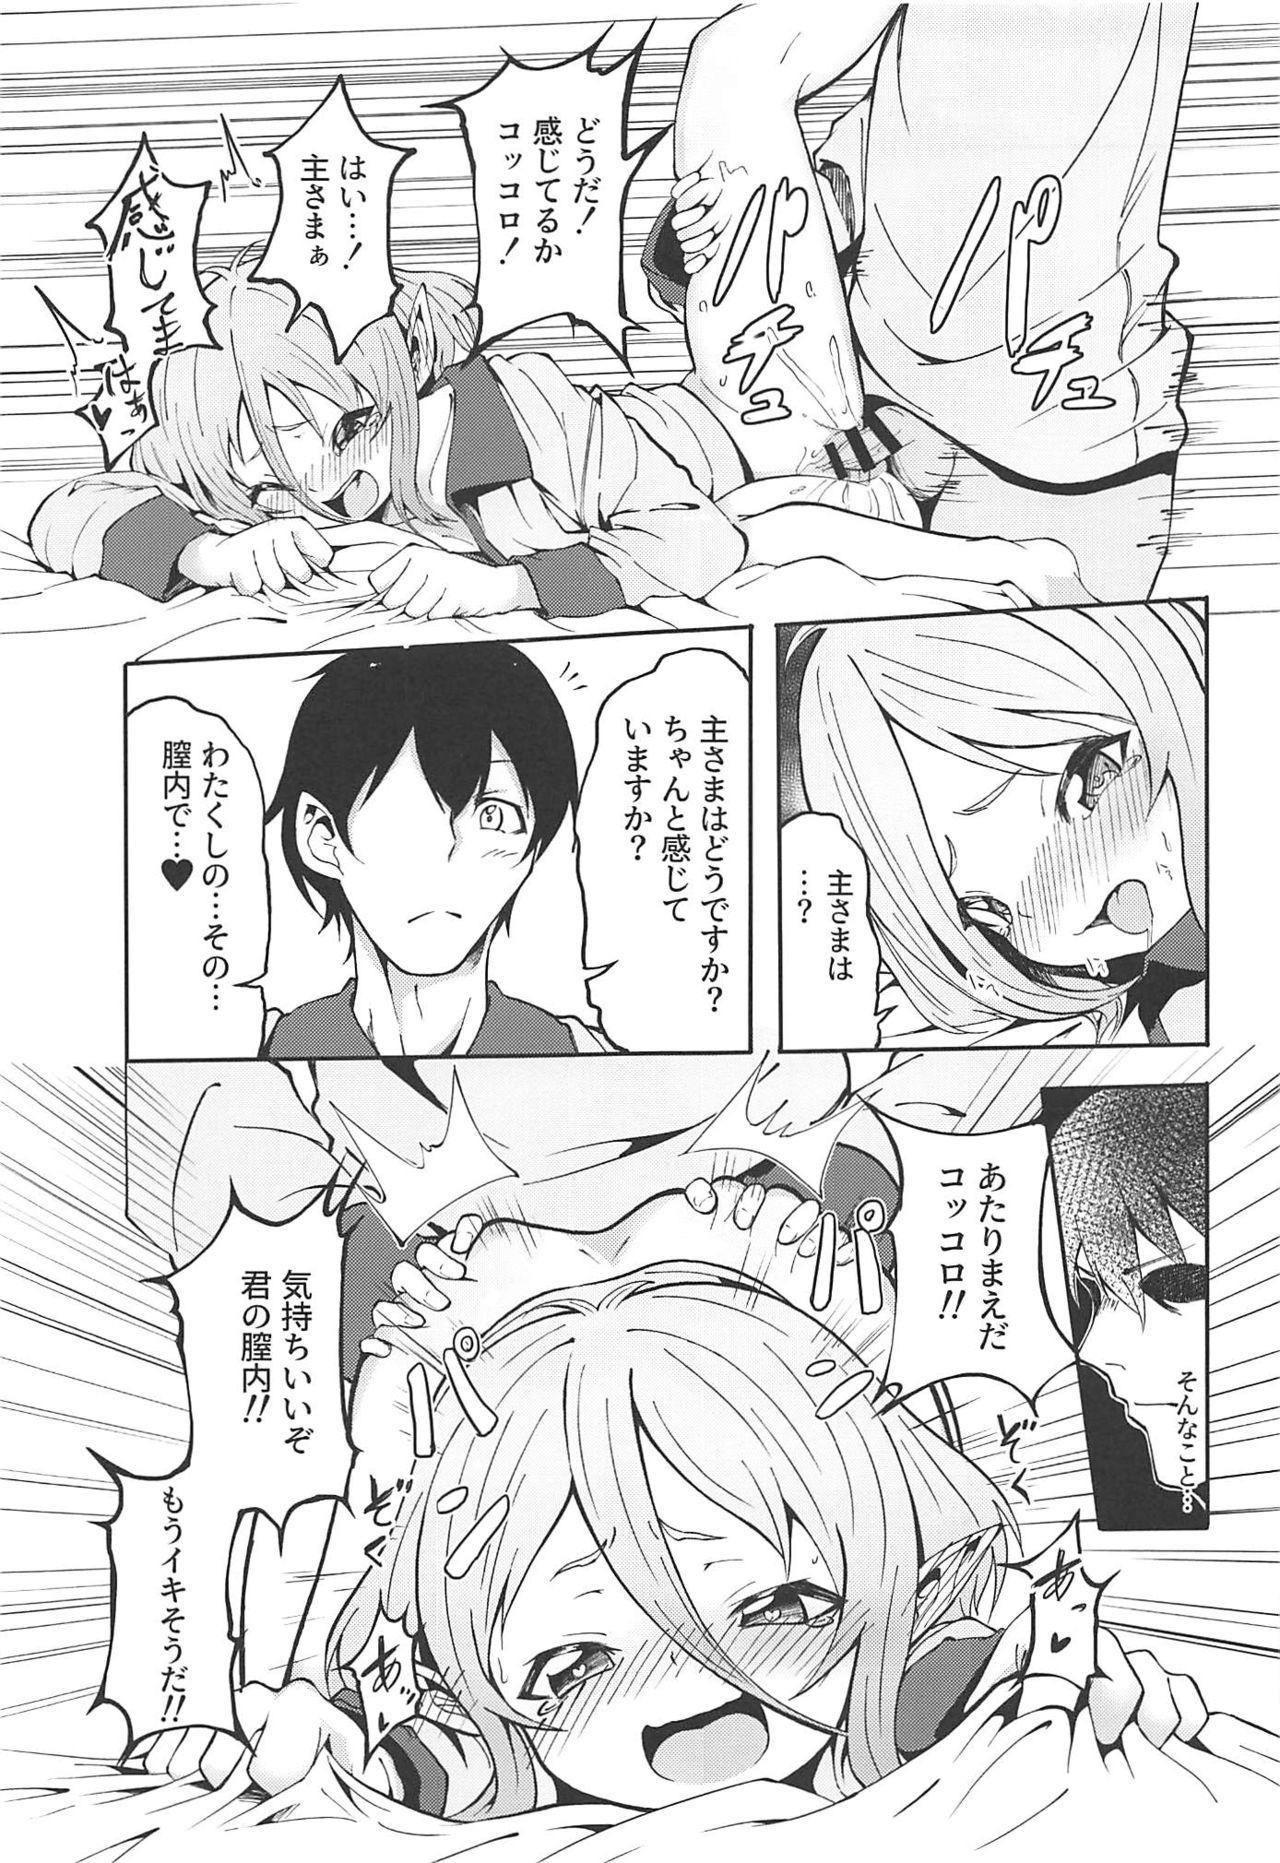 Kokkoro-chan no Seiyoku Kaika 13